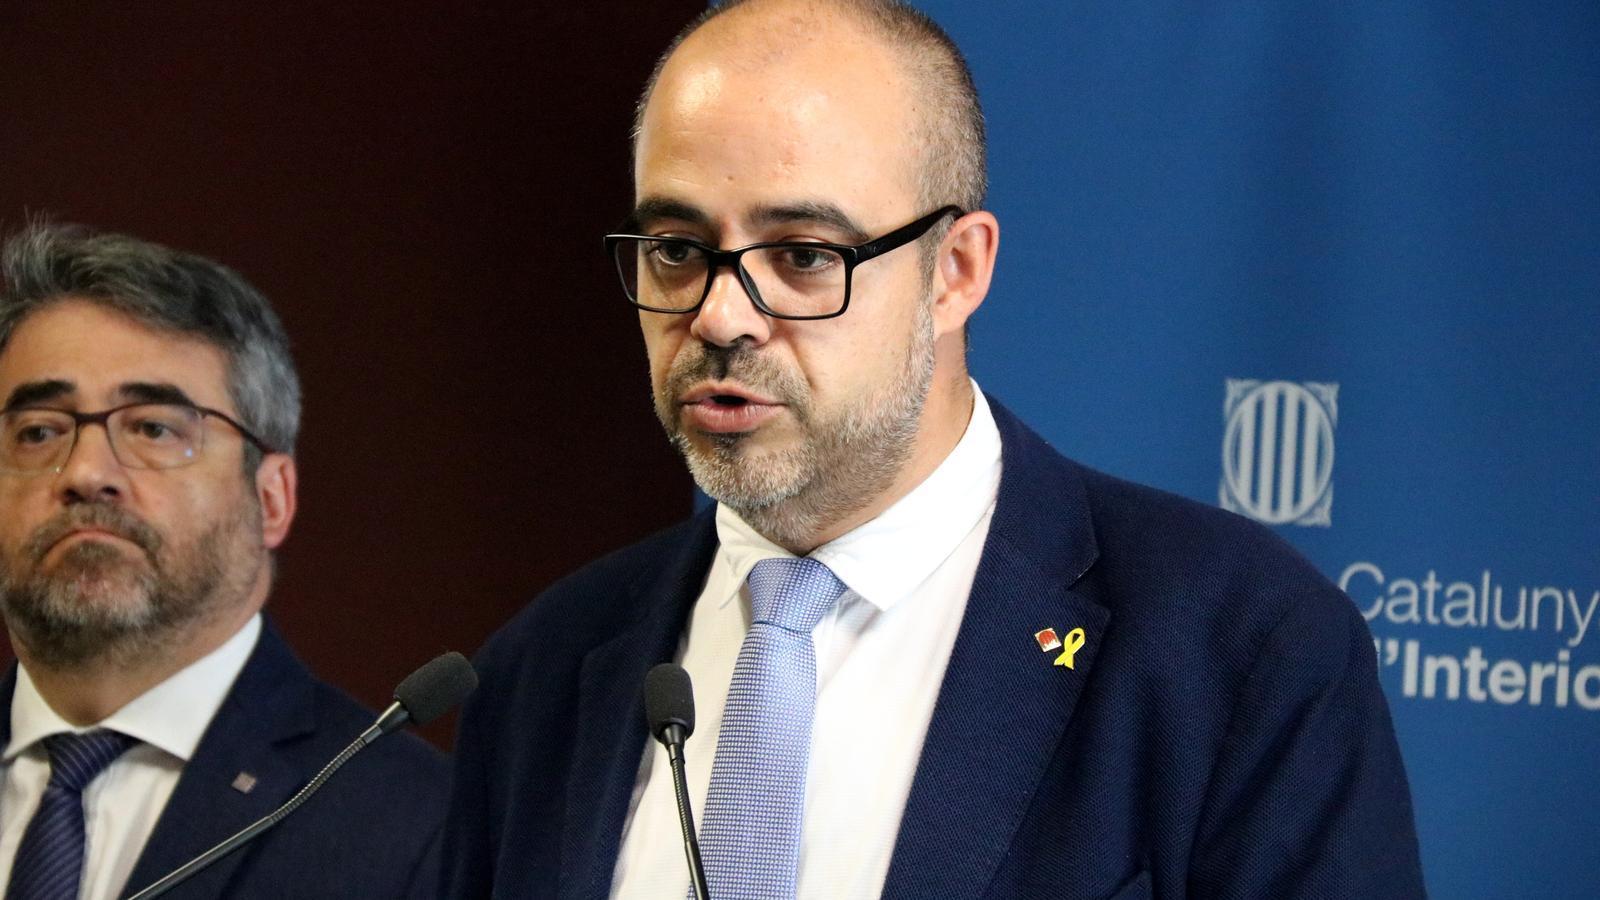 El TSJC reprèn la causa per desobediència contra Buch i Lloveras per instar els alcaldes a donar suport a l'1-O